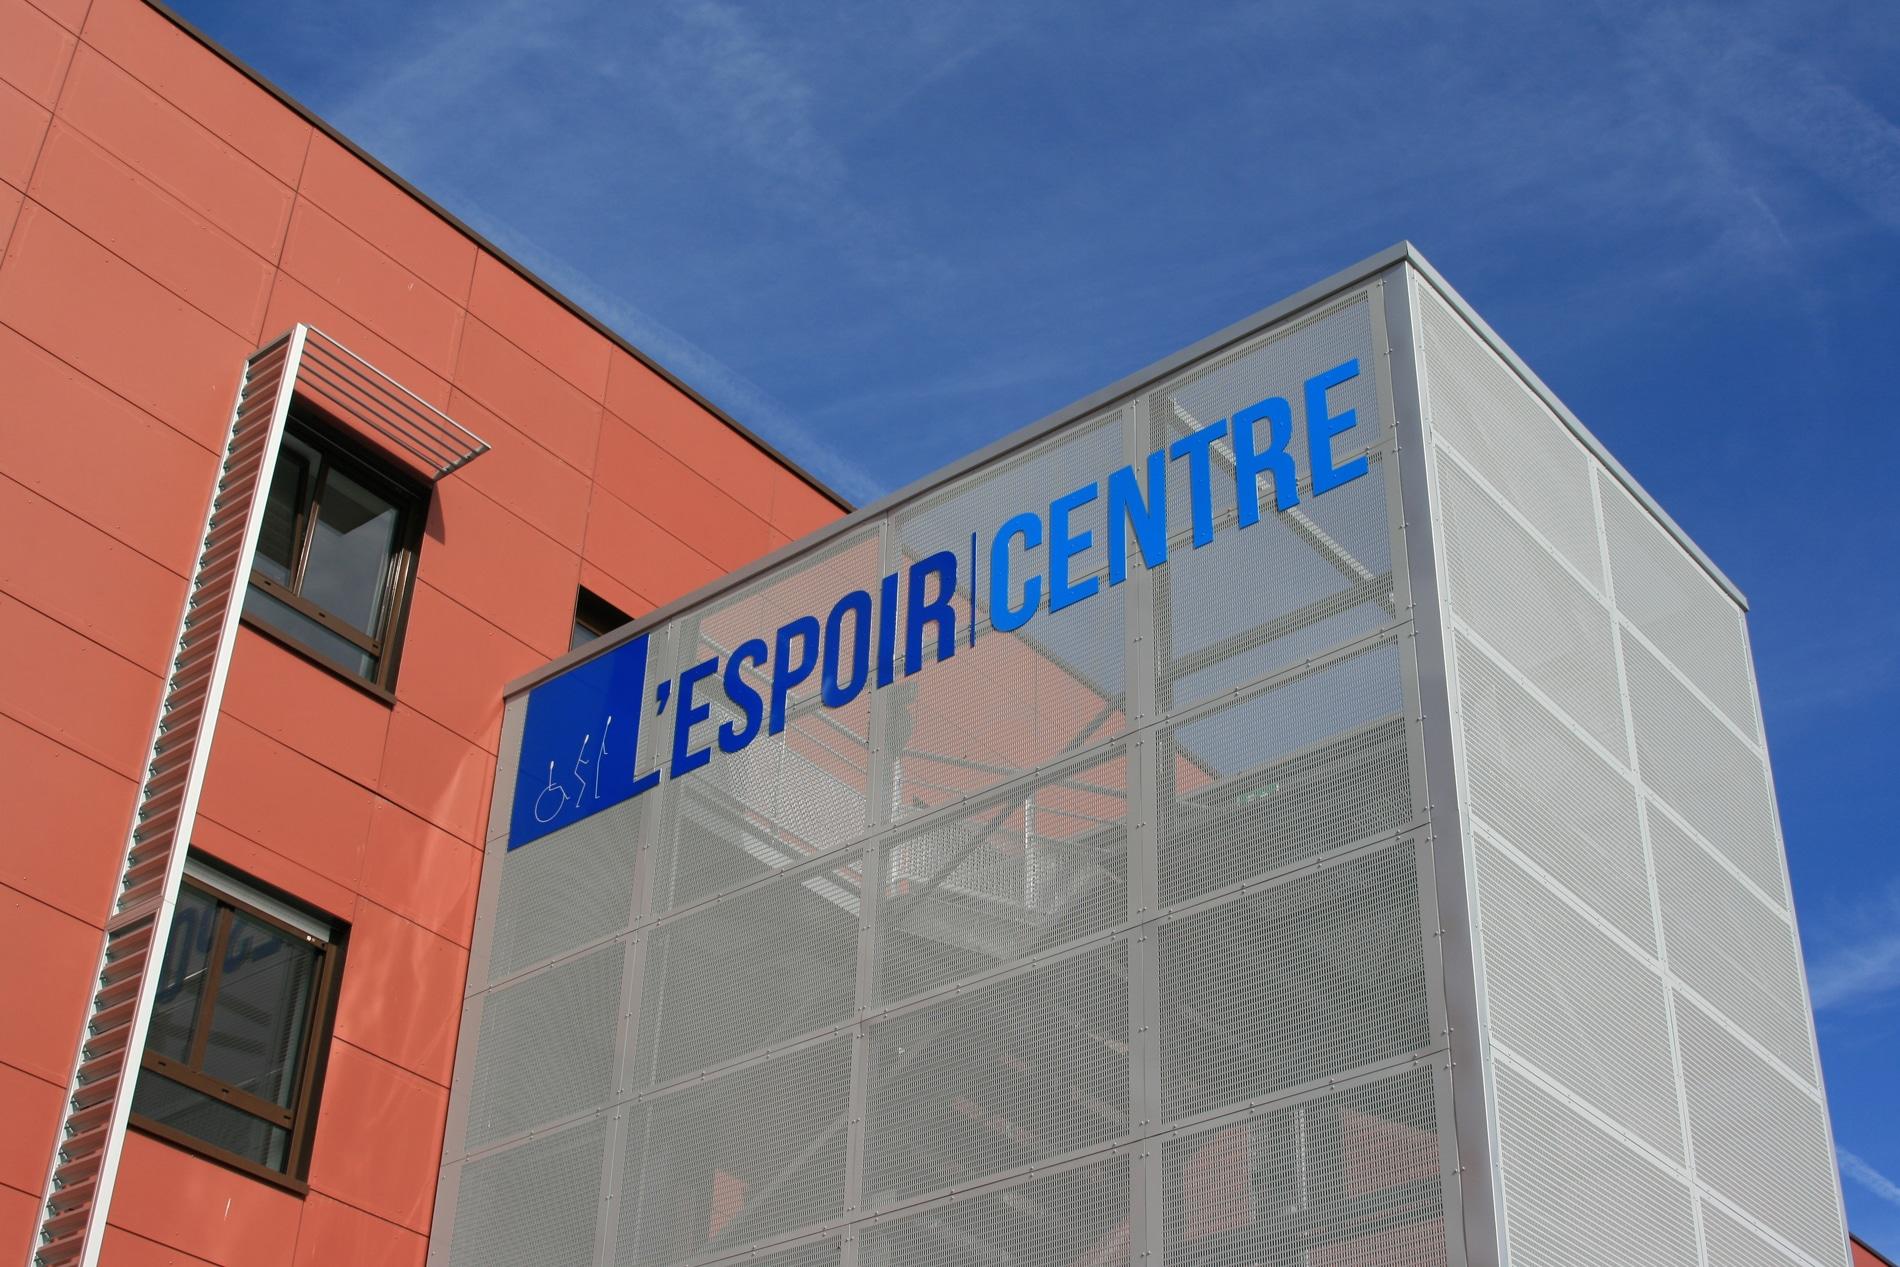 (c) Centre-espoir.com